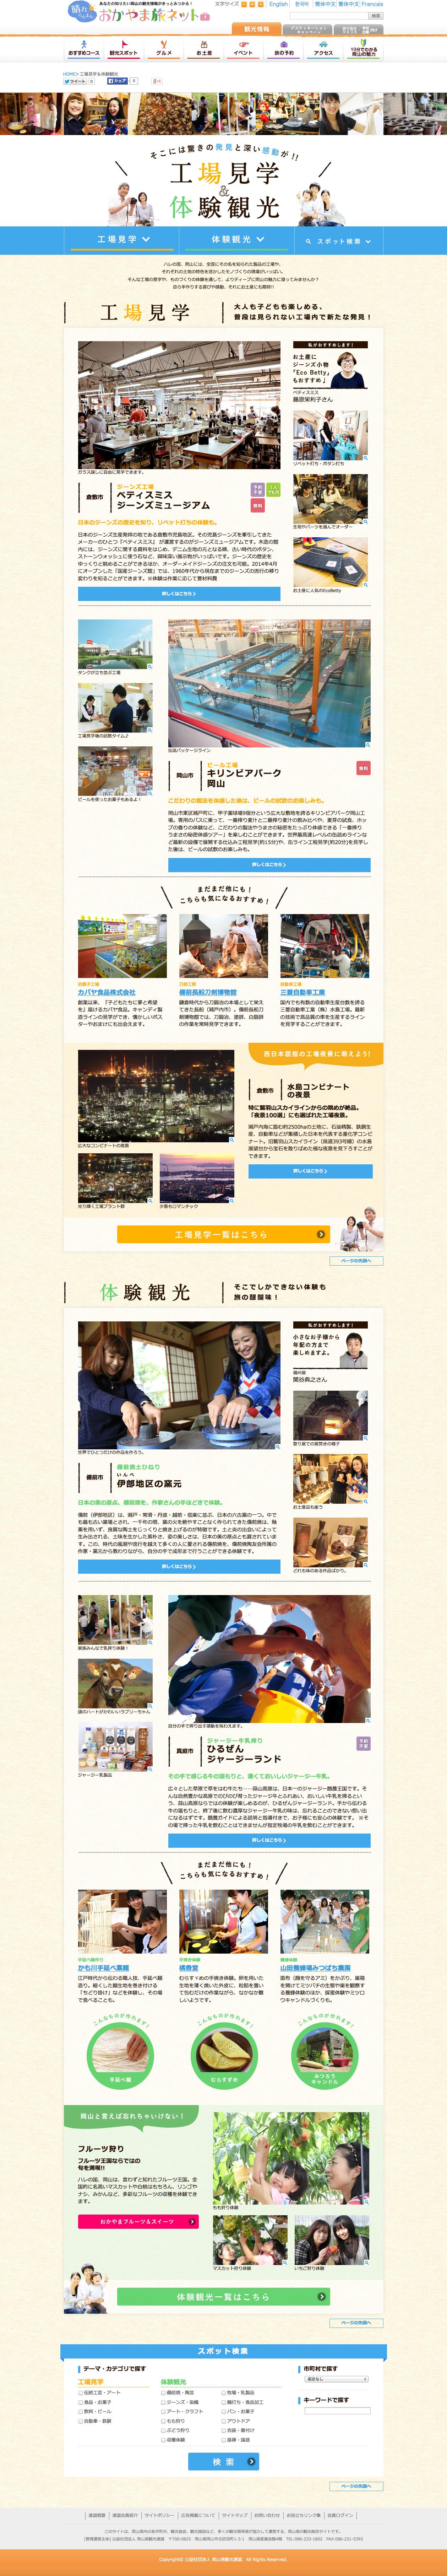 工場見学&体験観光2015_岡山県観光総合サイト_おかやま旅ネット02